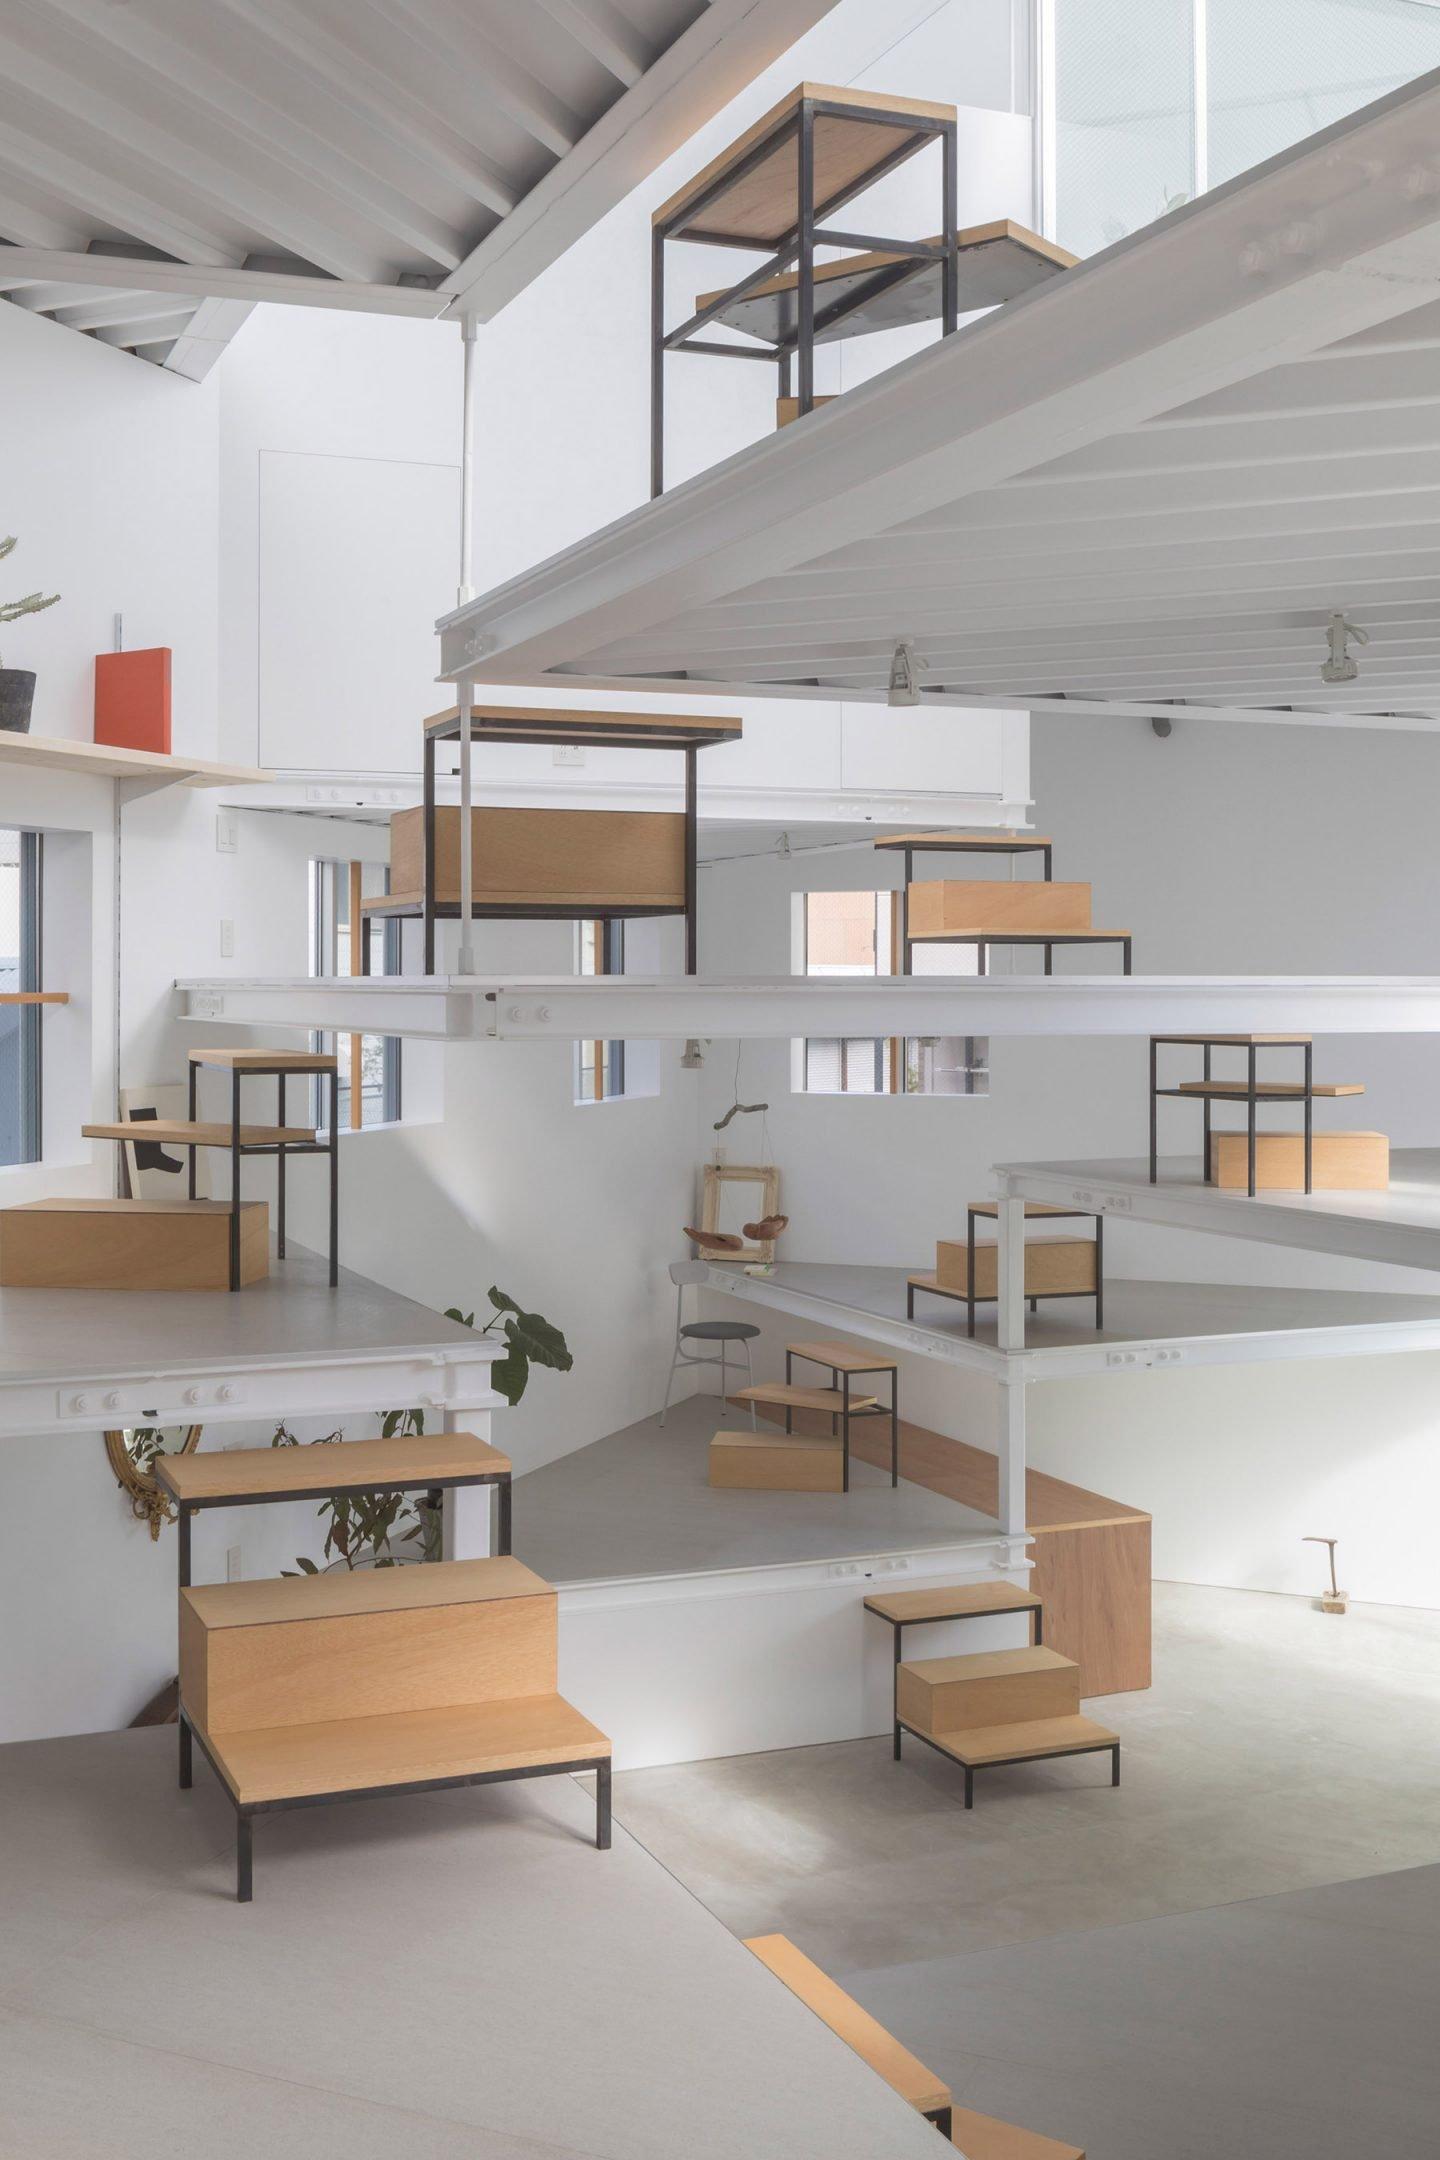 iGNANT-Architecture-Tato-Architects-Miyamoto-Home-009